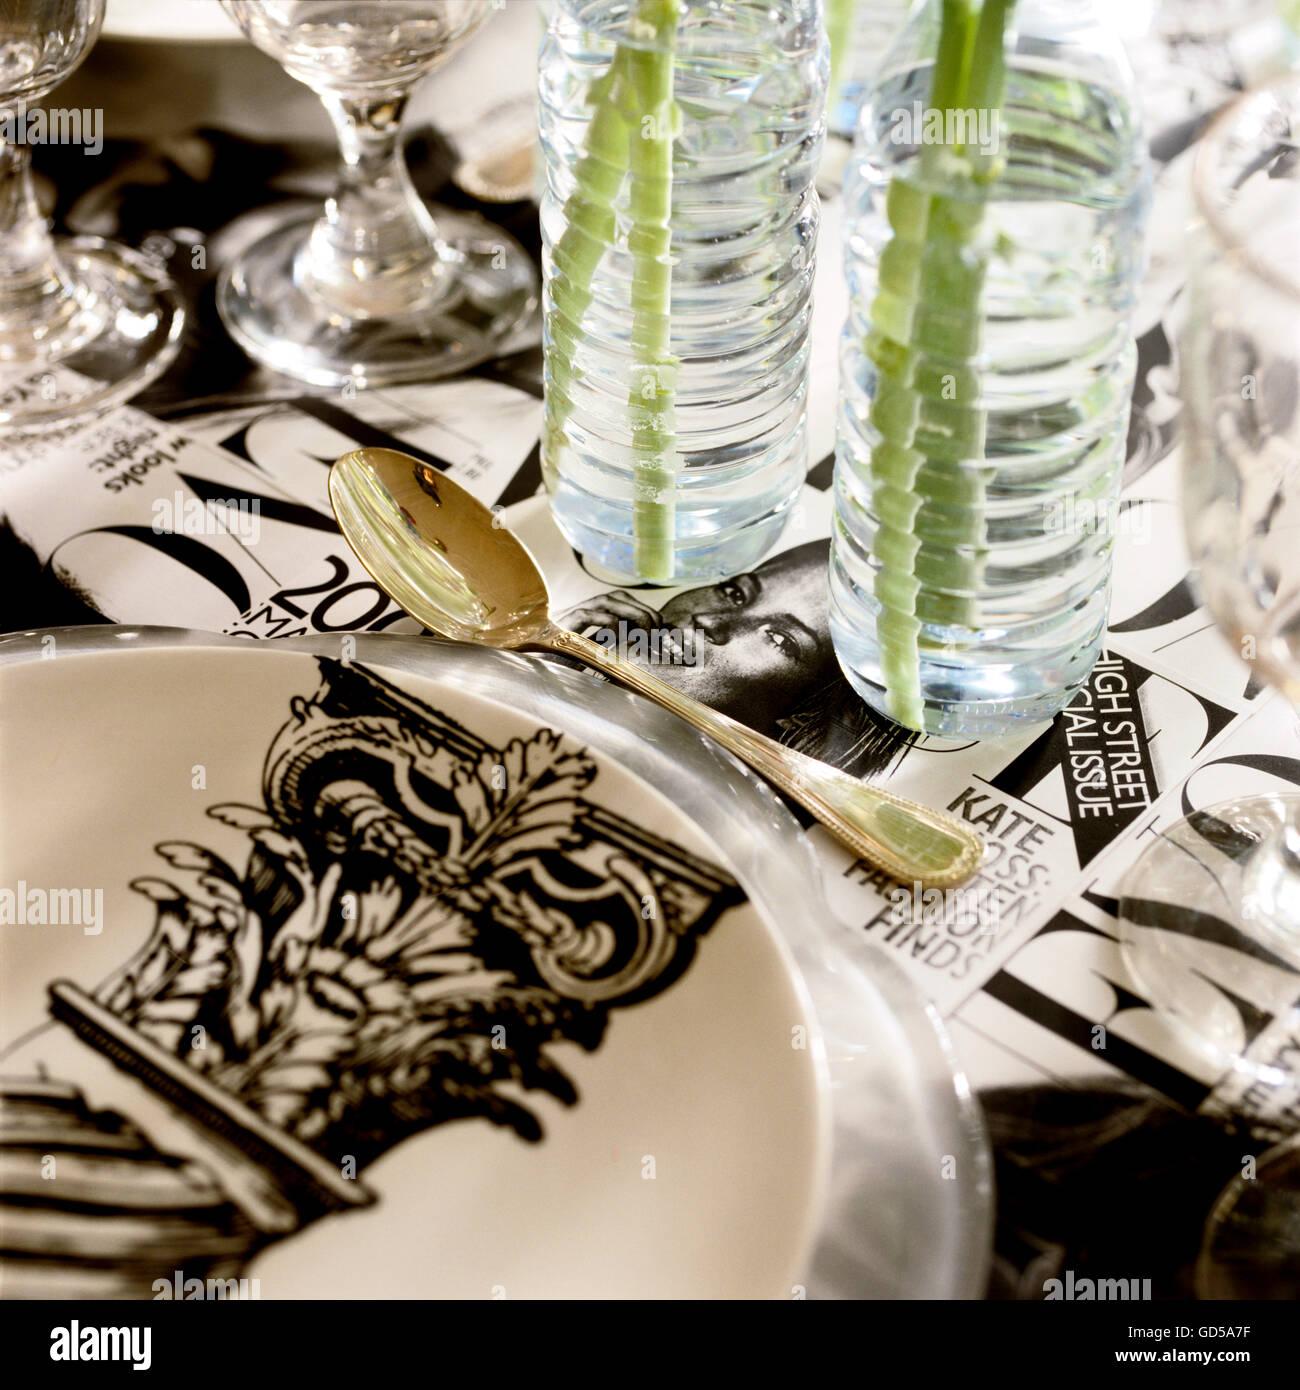 Girl's Luncheon - Stock Image